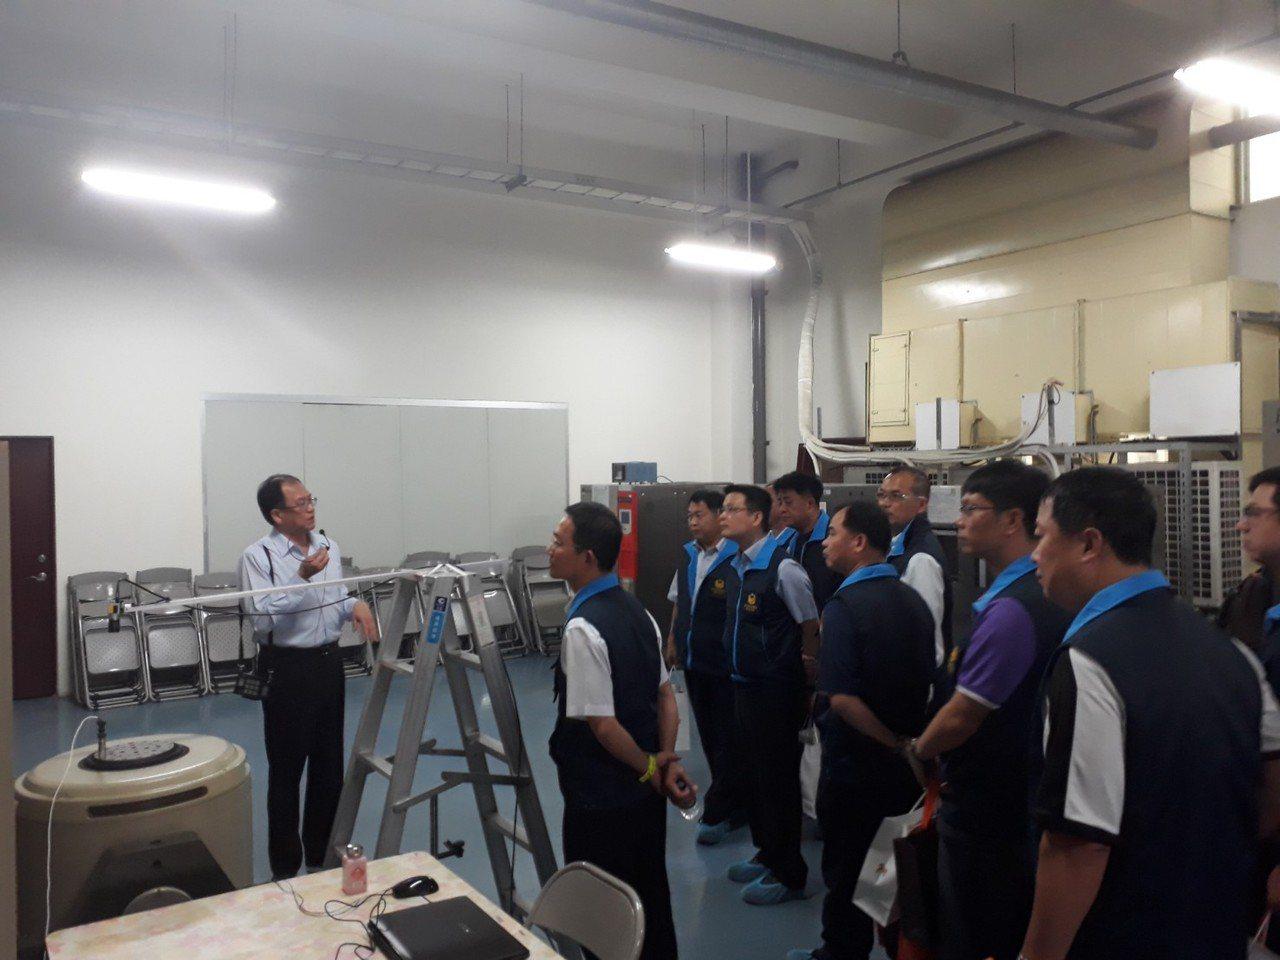 台中市清水警分局員警參觀科技公司,了解科技技能,幫助警方研思未來科技幫助辦案方向...